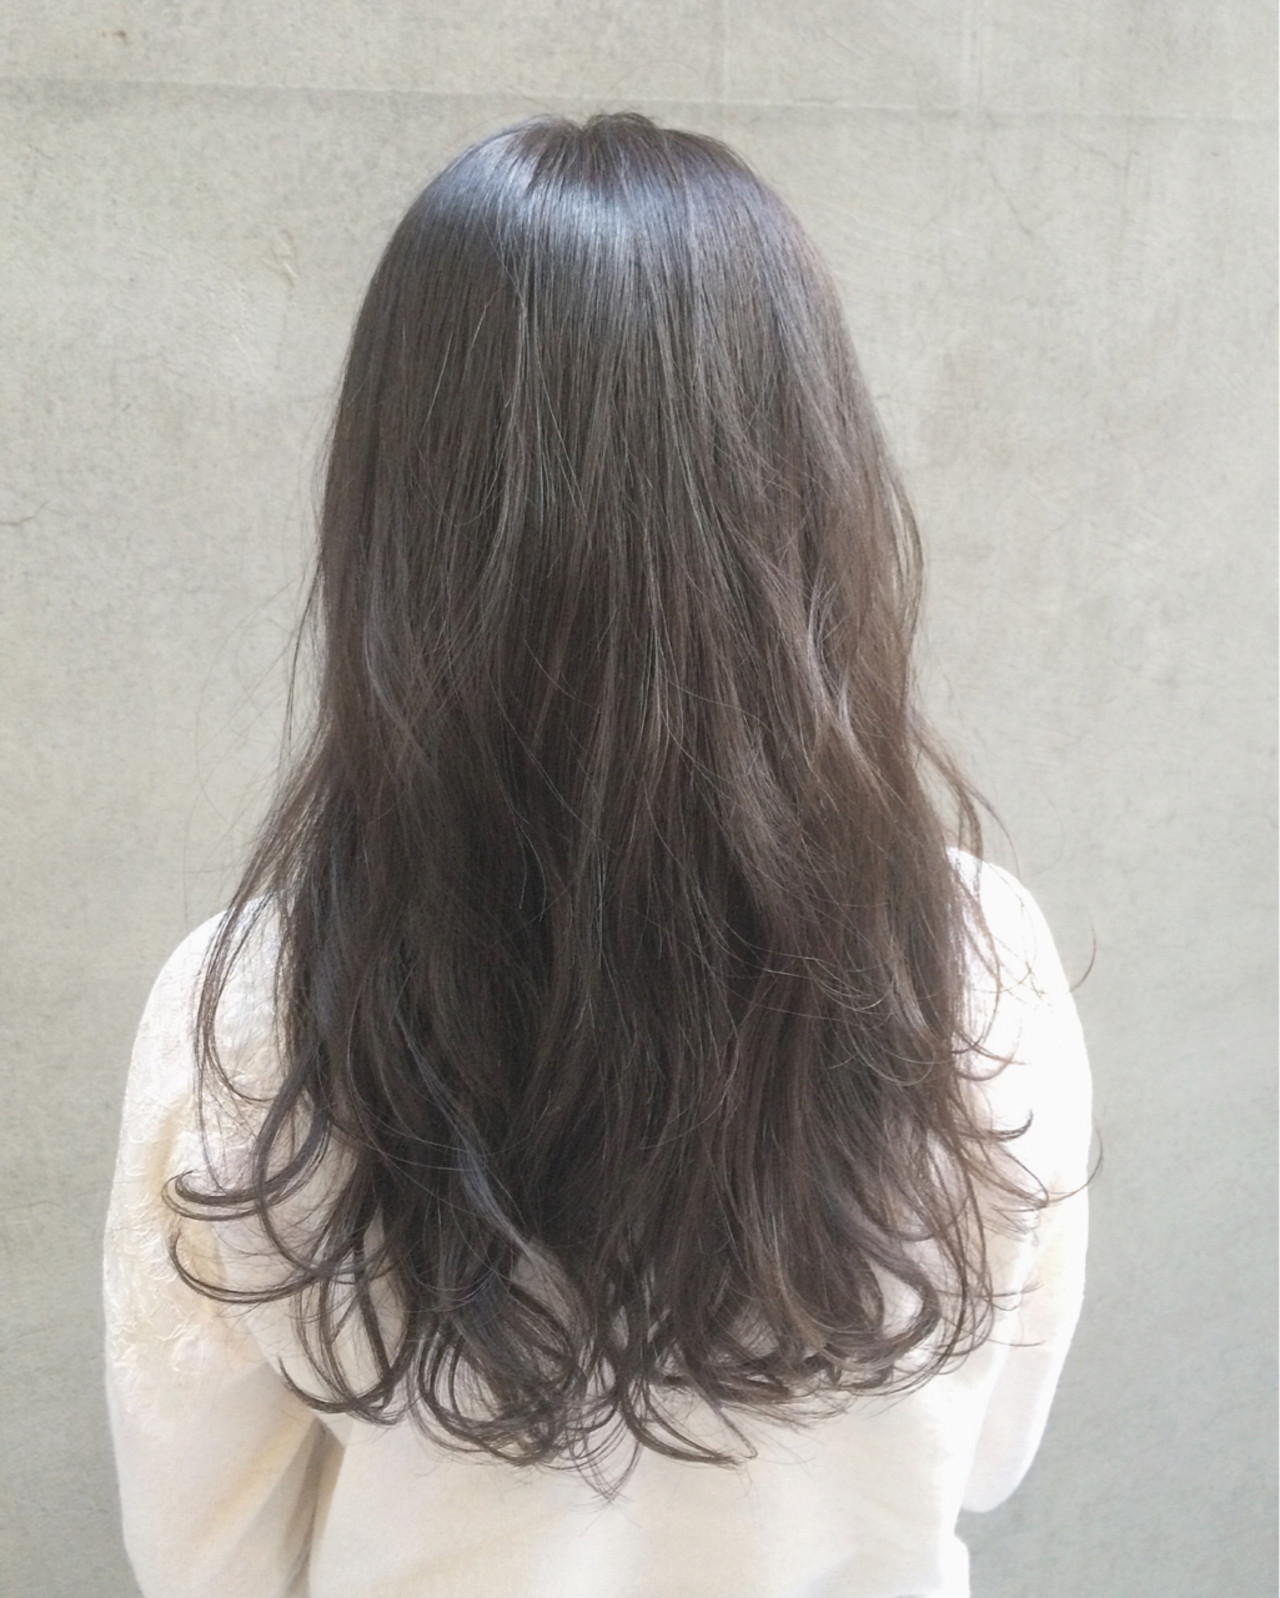 大人かわいい ロング 暗髪 外国人風 ヘアスタイルや髪型の写真・画像